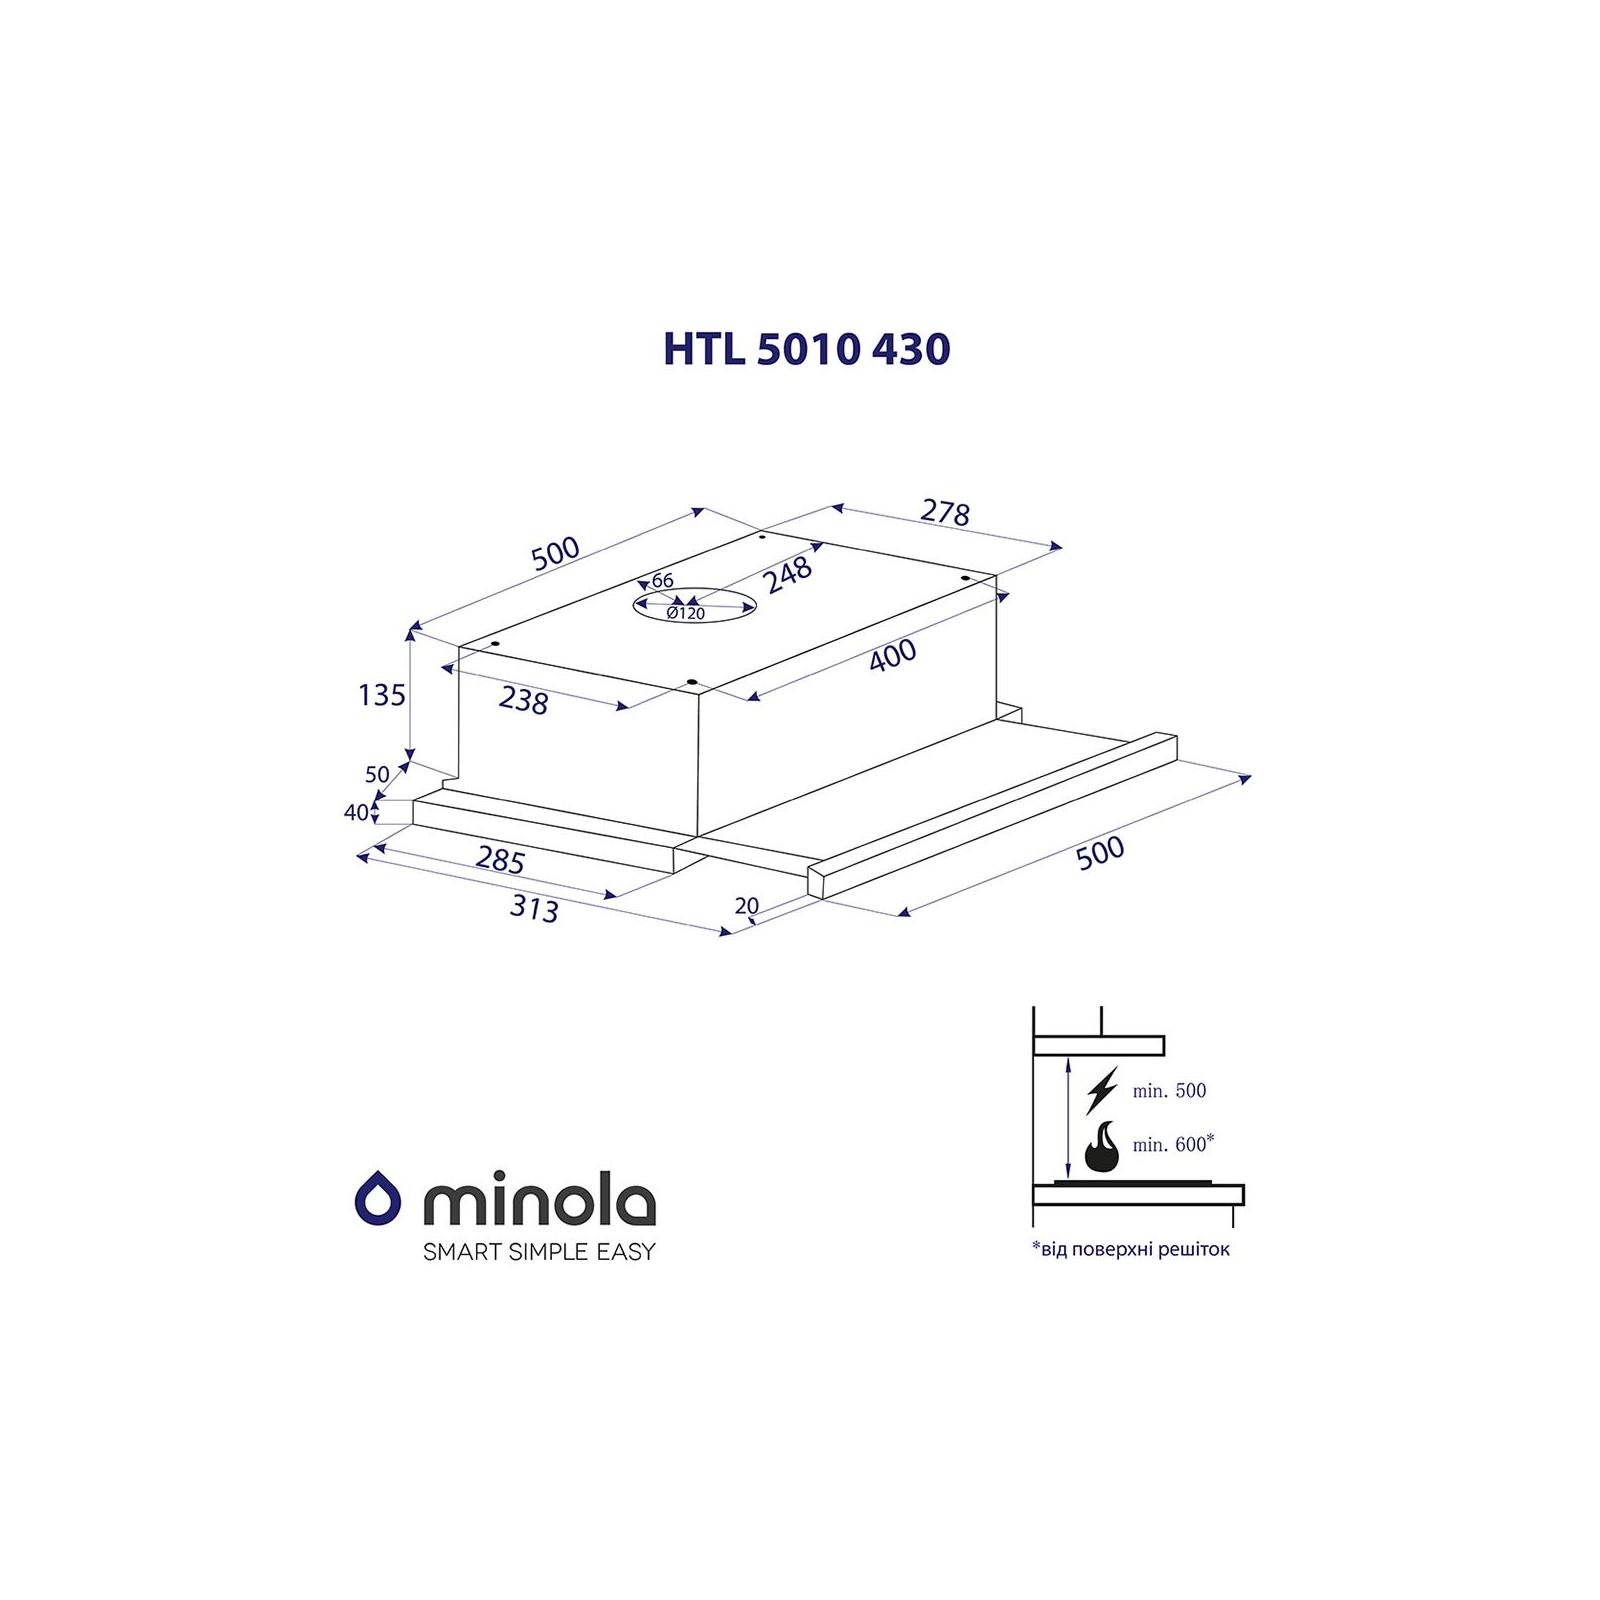 Вытяжка кухонная MINOLA HTL 5010 FULL INOX 430 изображение 7